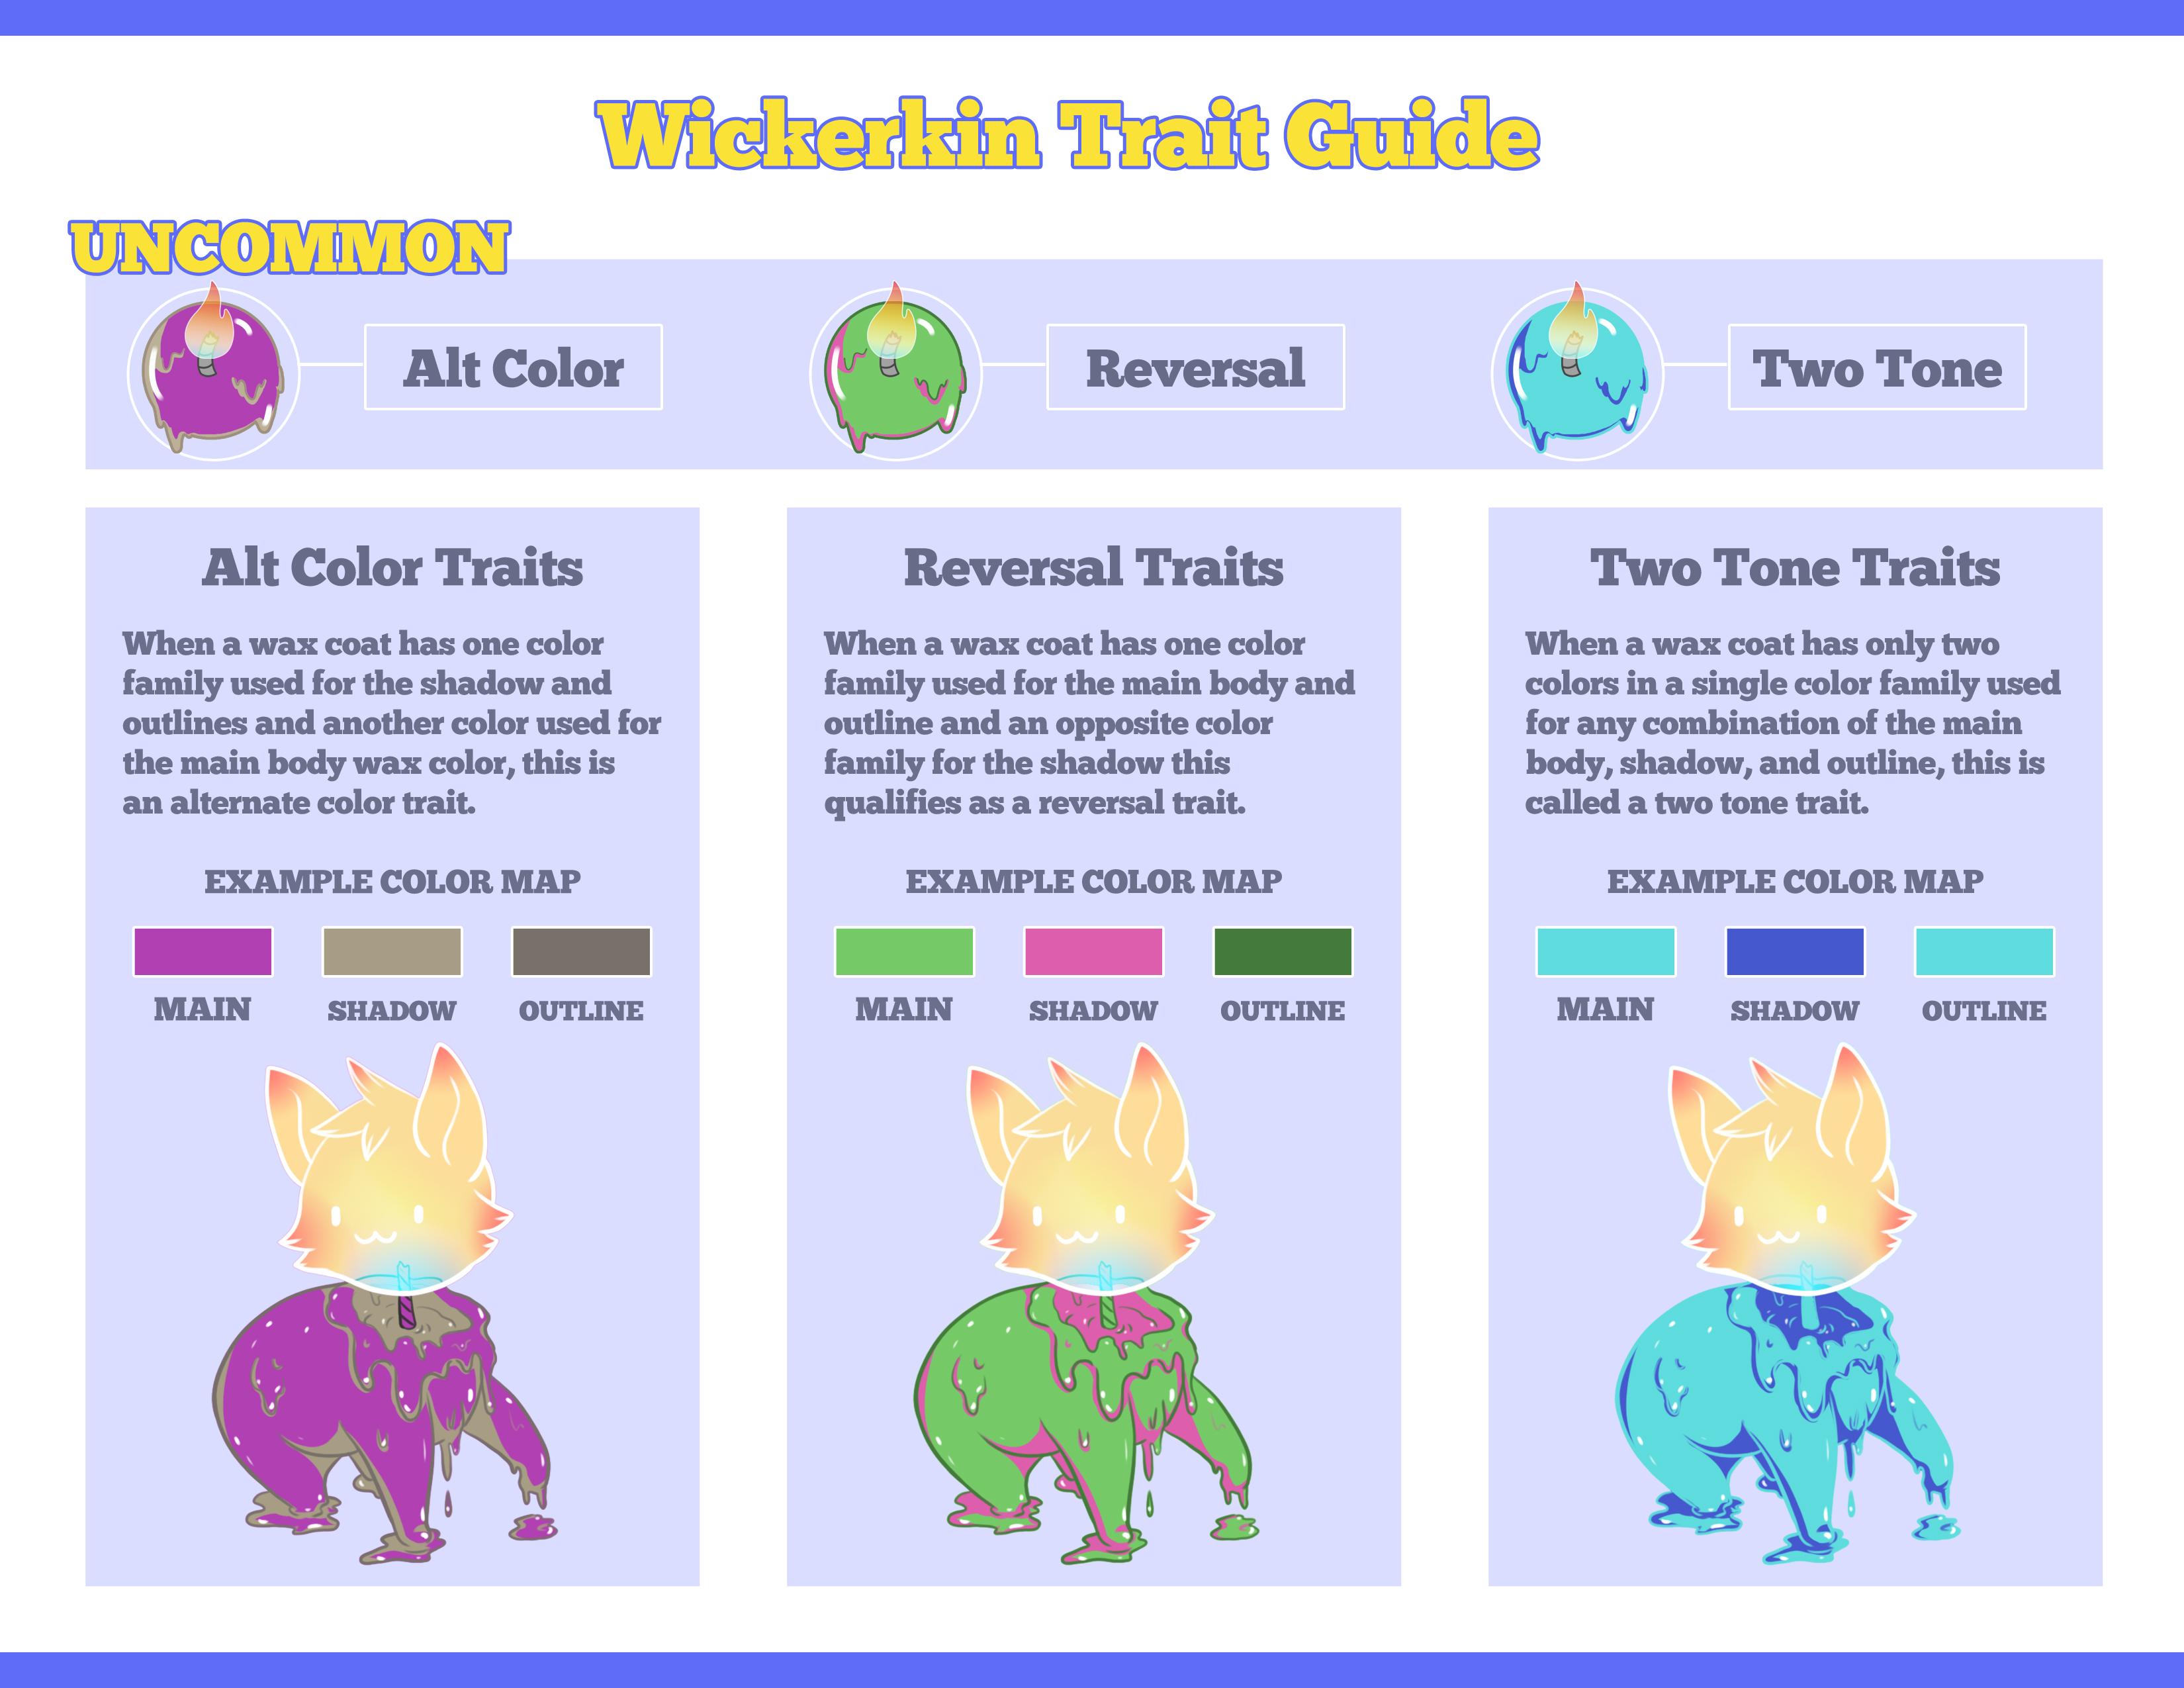 Wickerkin_Trait_Guide_Uncommon_Traits.jp